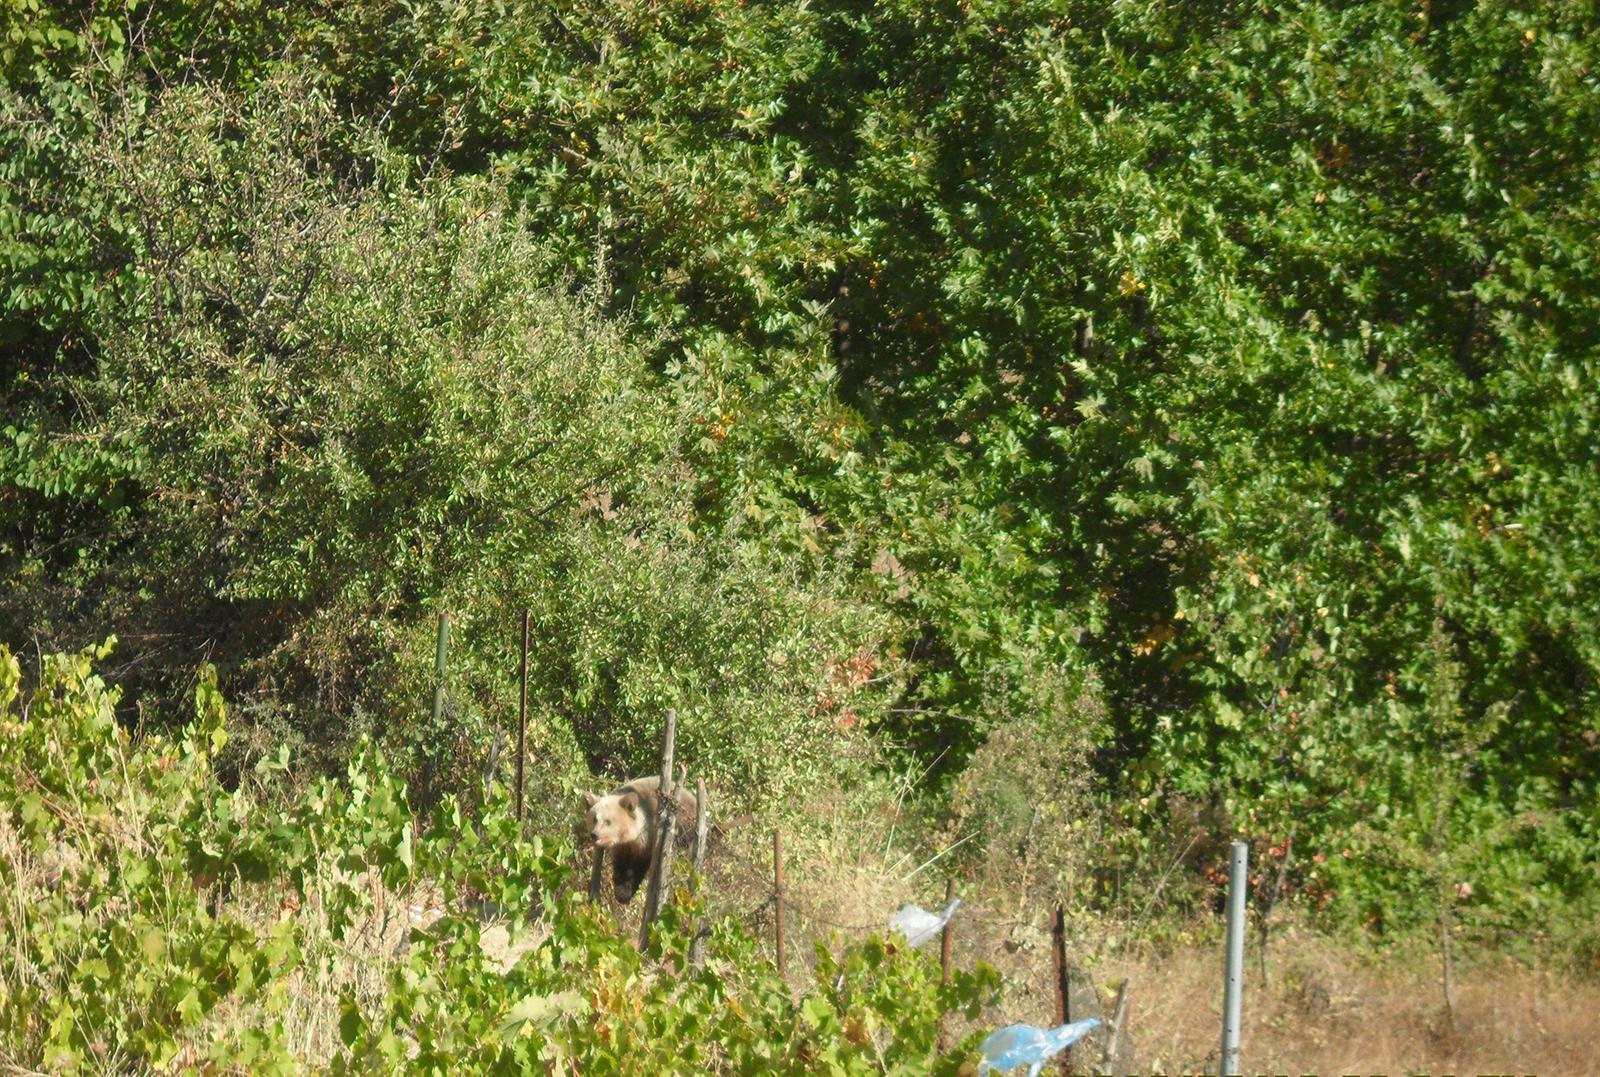 Αρκουδάκι 10 μηνών απεγκλωβίστηκε από παράνομη παγίδα σε αμπελώνα